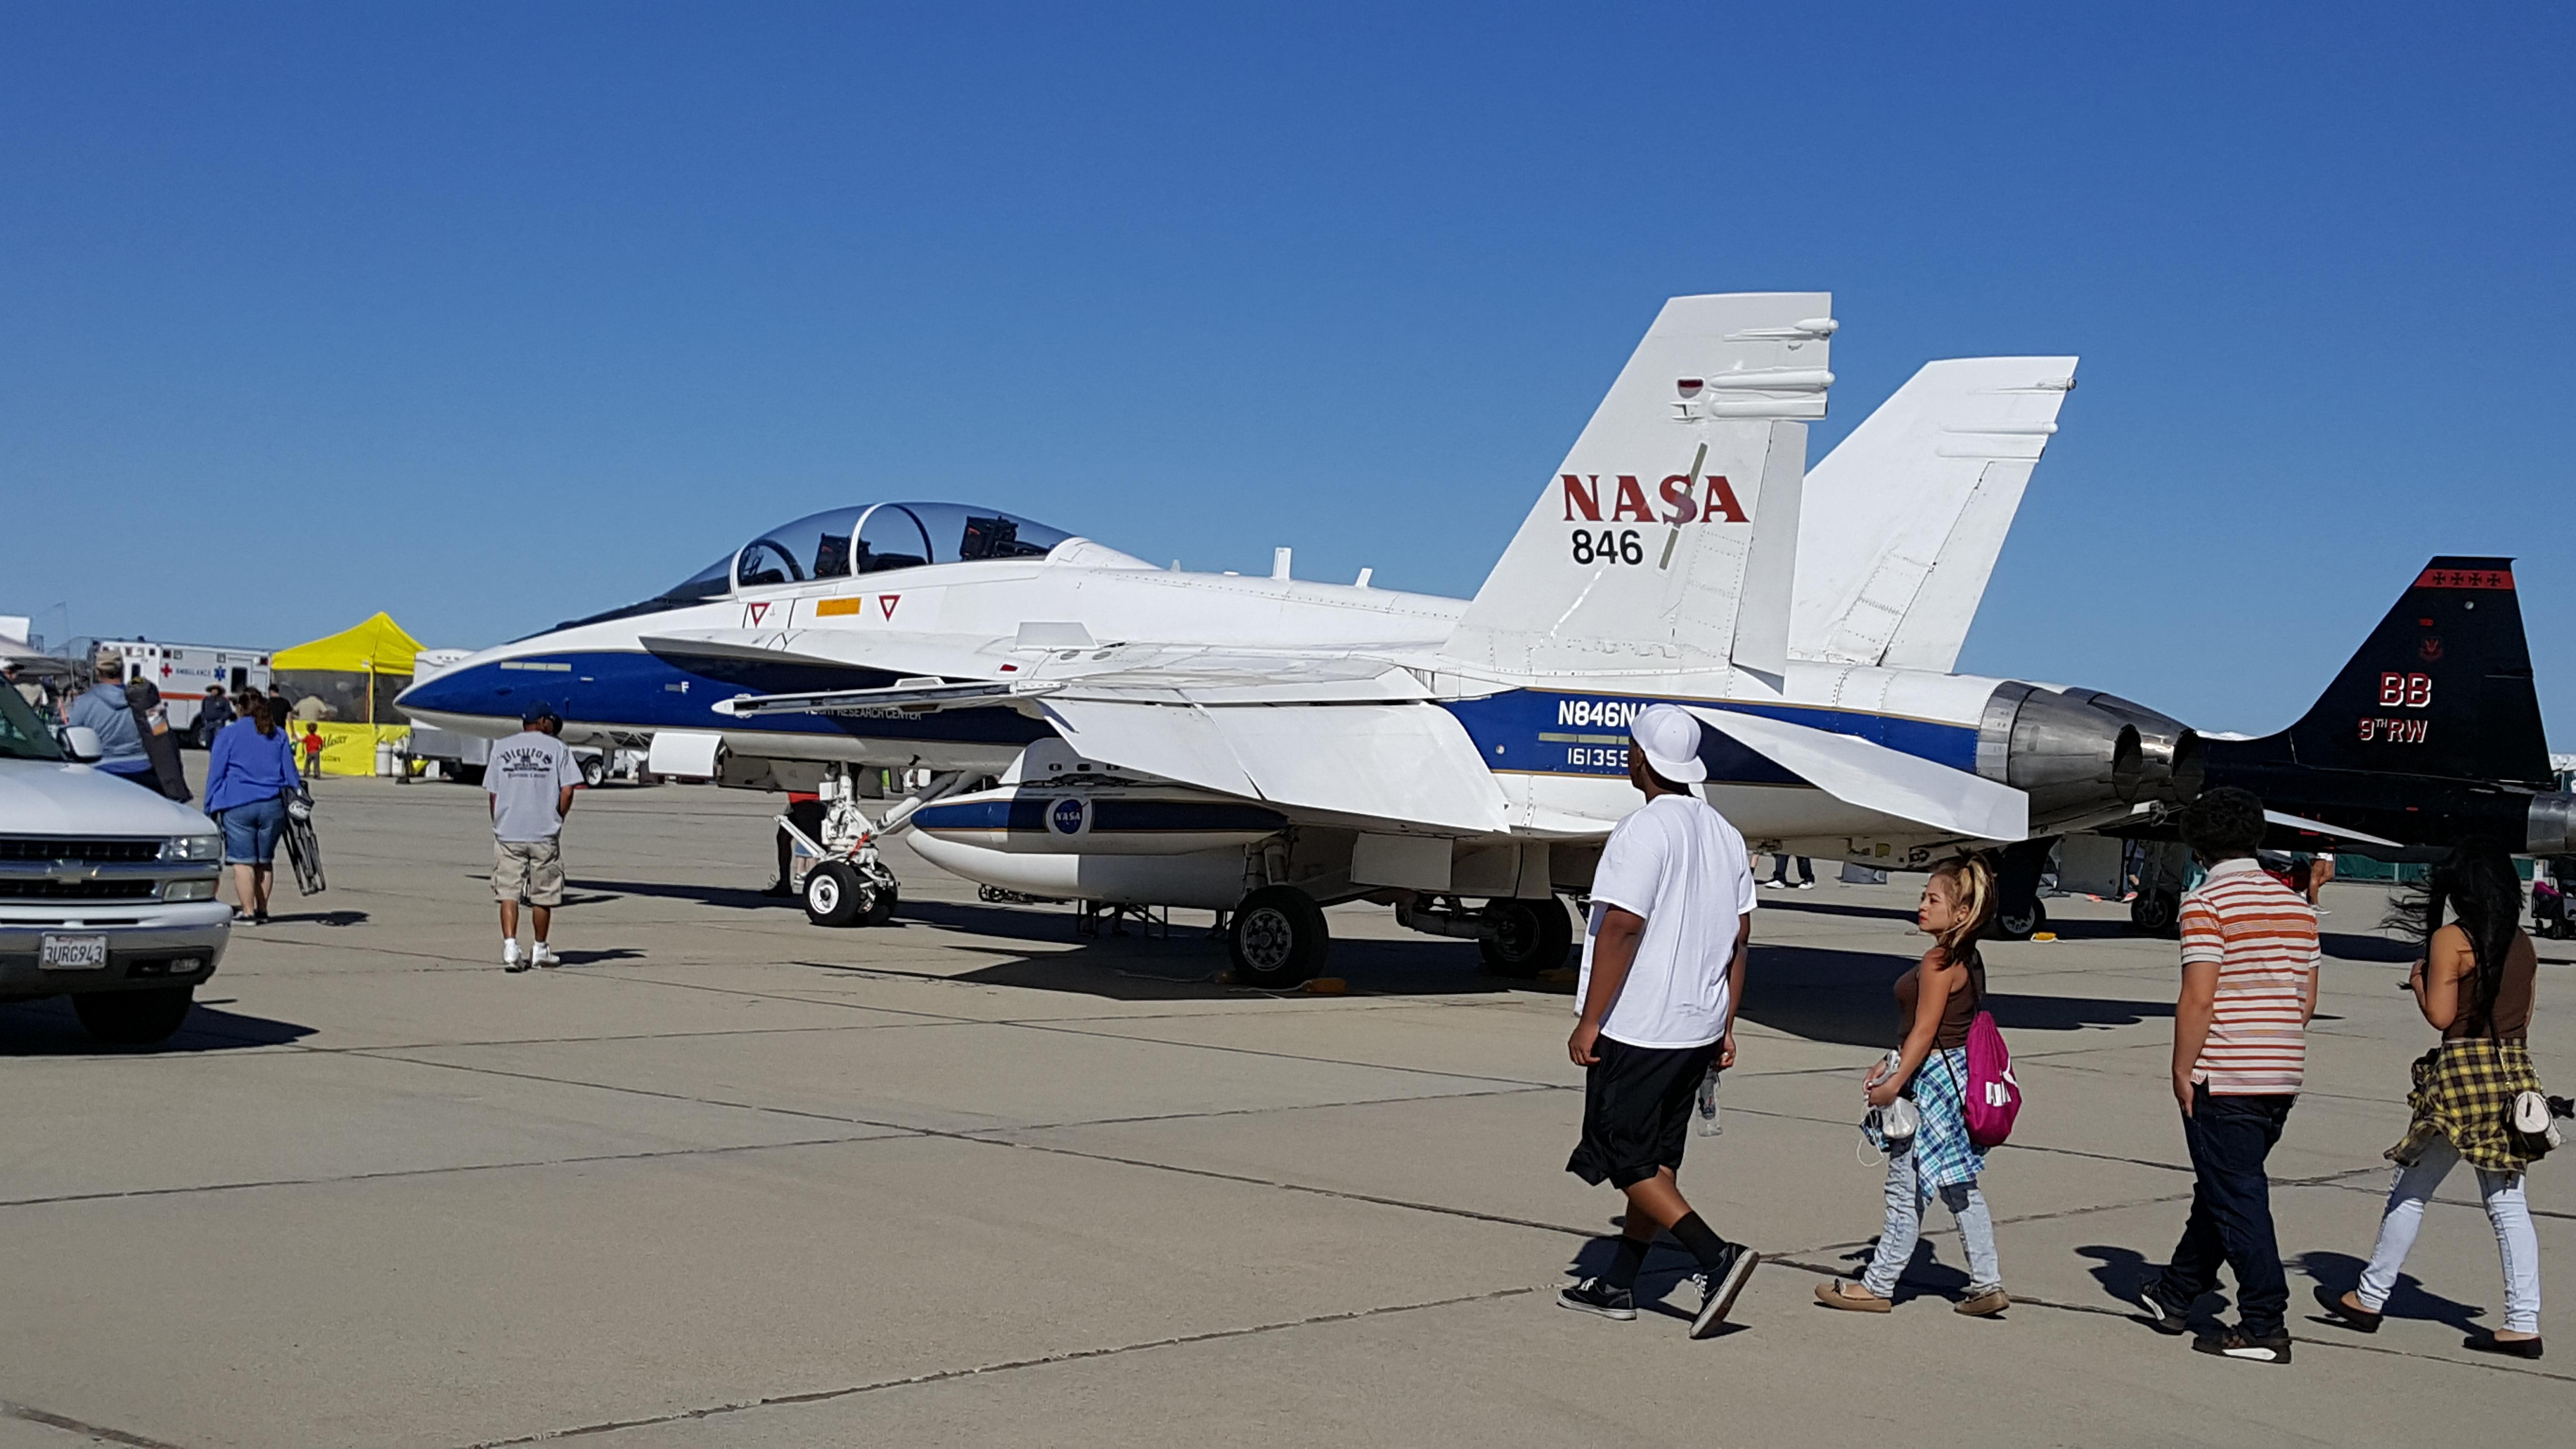 NASA F-18 Hornet by CJManson on DeviantArt